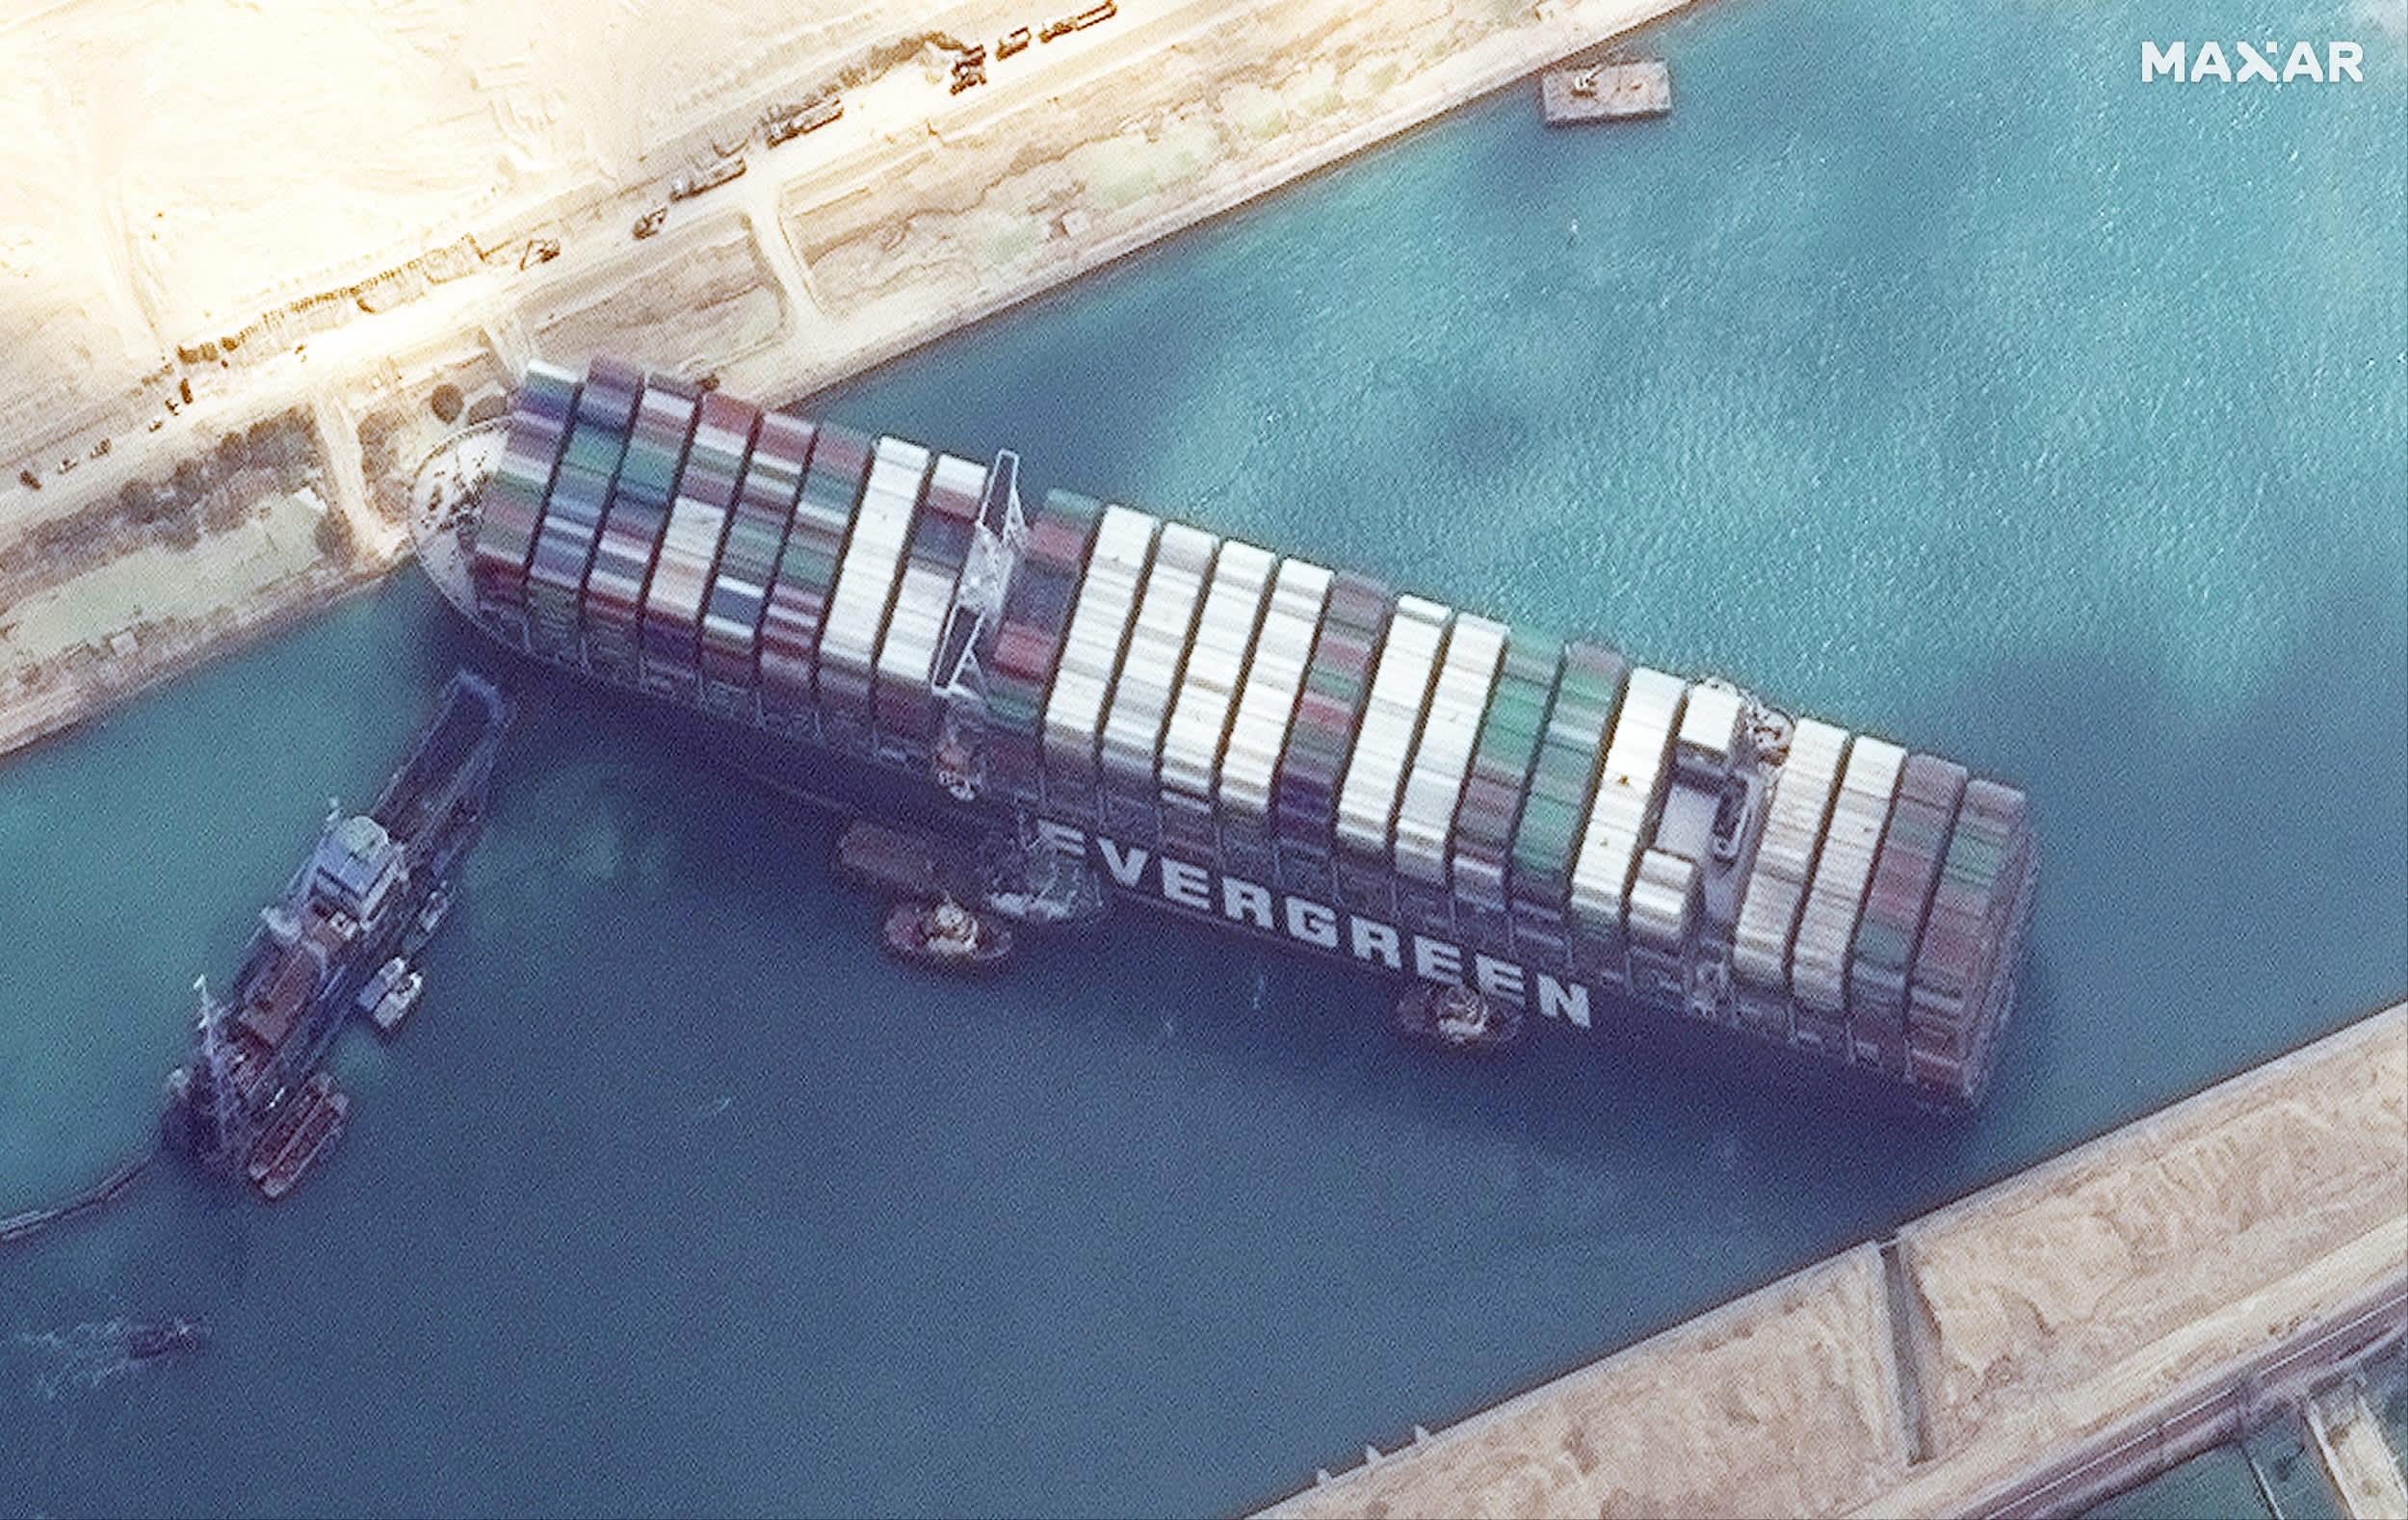 Imágenes de satélite muestran el trabajo en curso para el envío gratuito Ever Given en el Canal de Suez